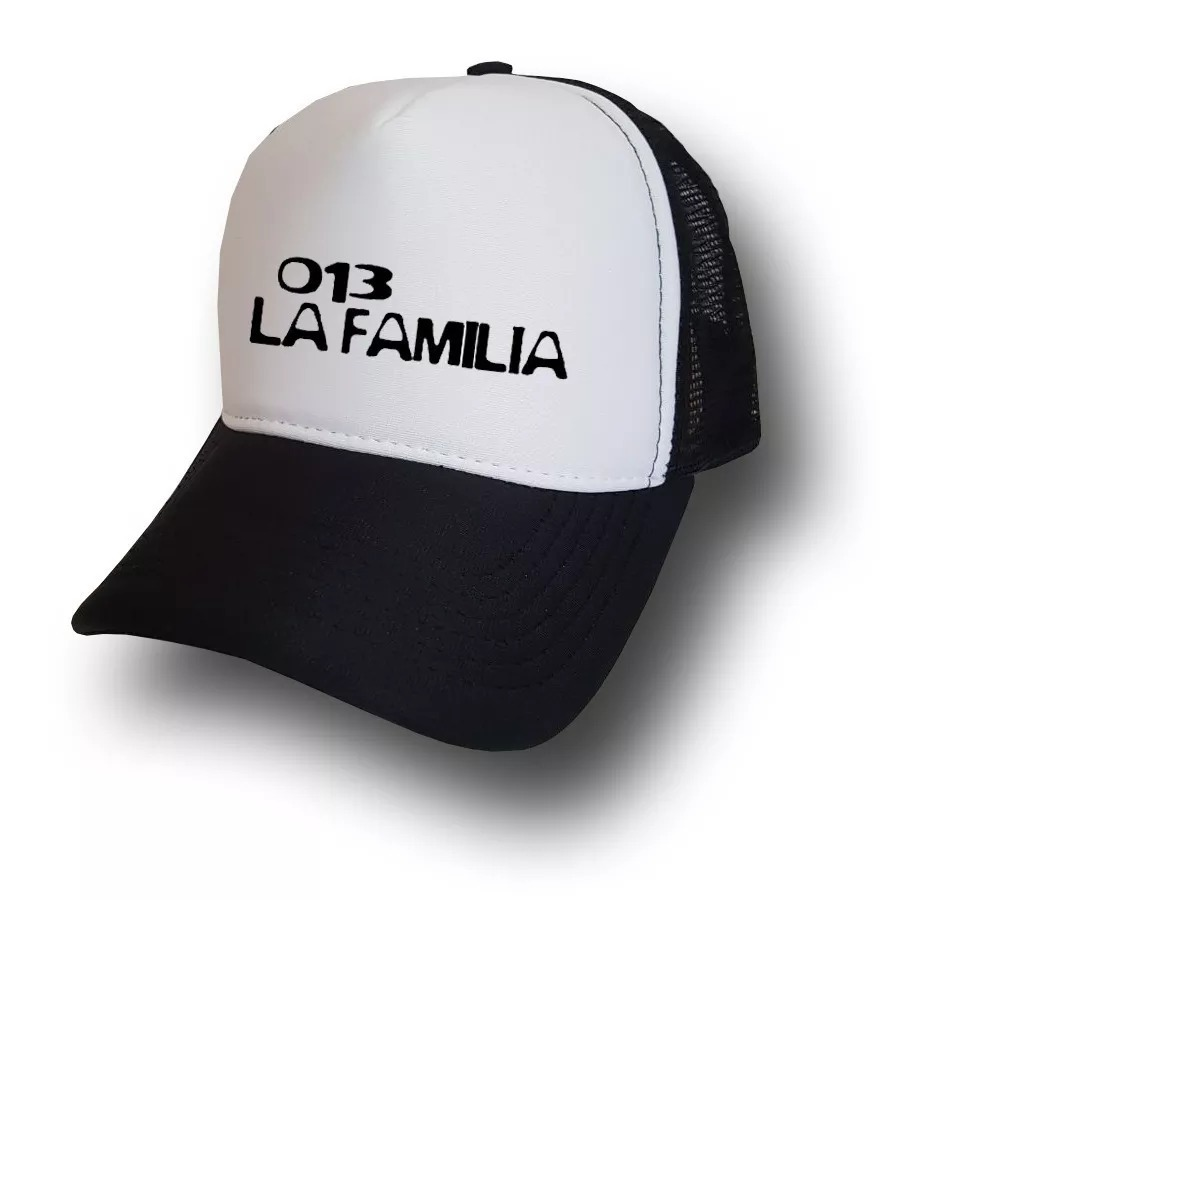 boné la familia 013 charlie brow trucker telinha promoção. Carregando zoom. e9303c61376